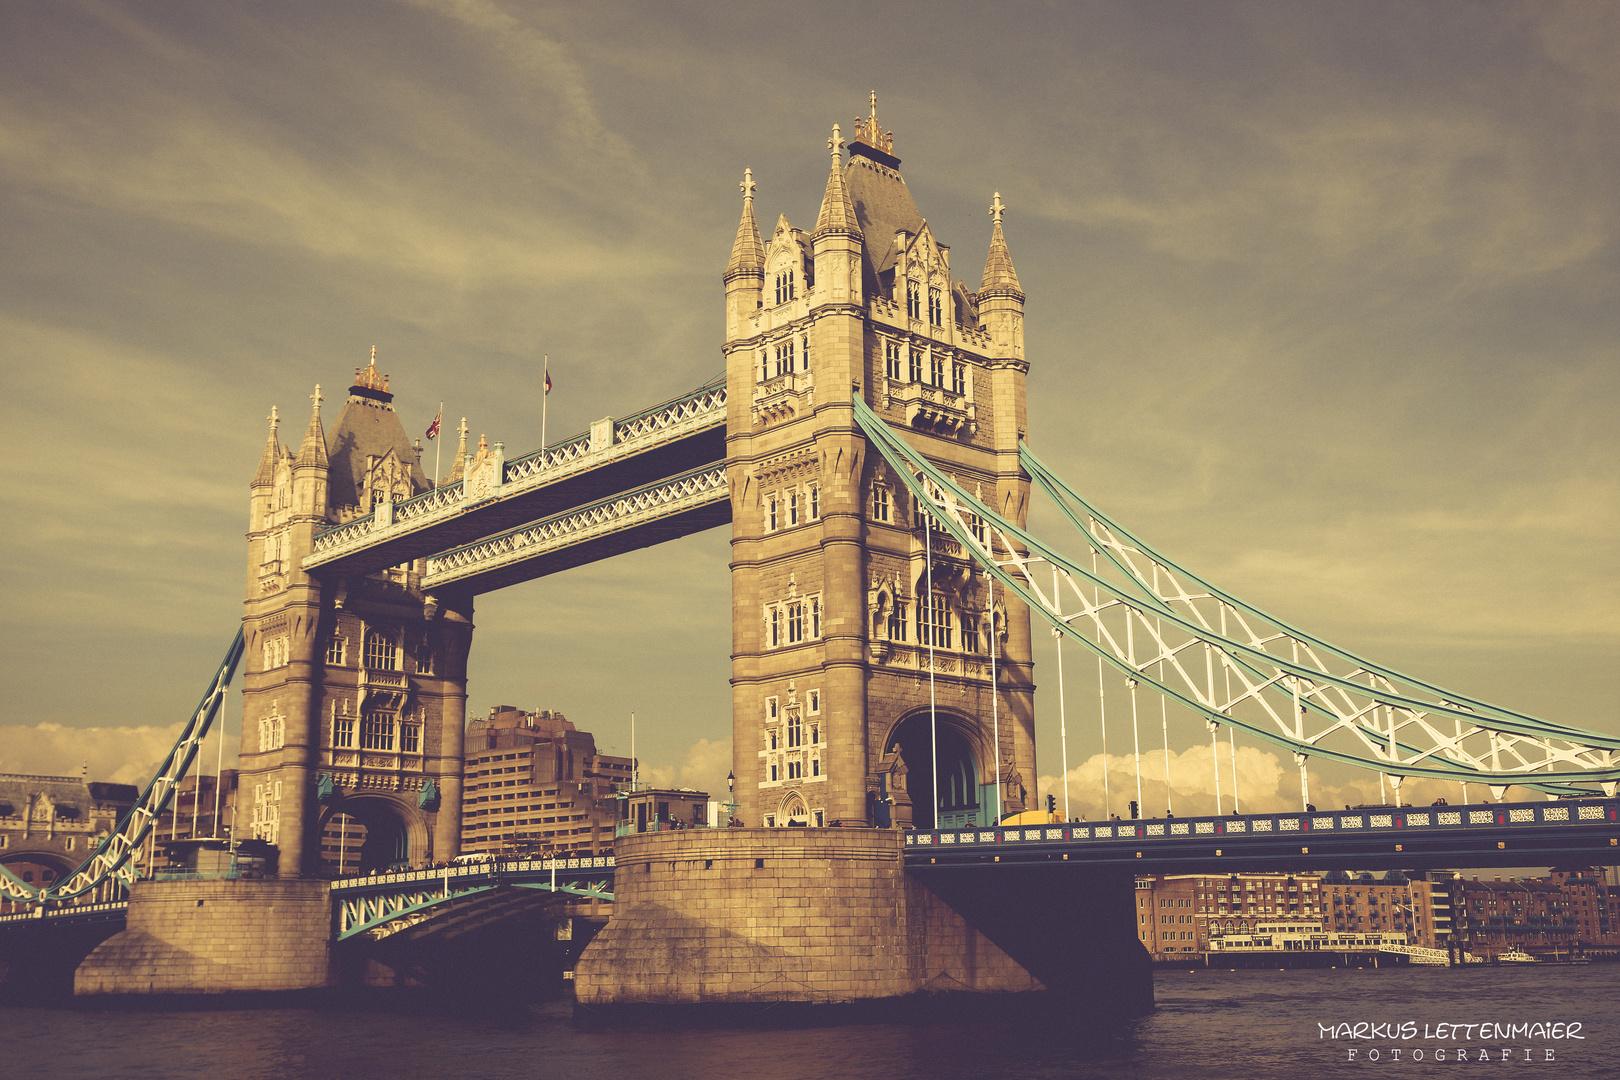 The amazing Tower Bridge